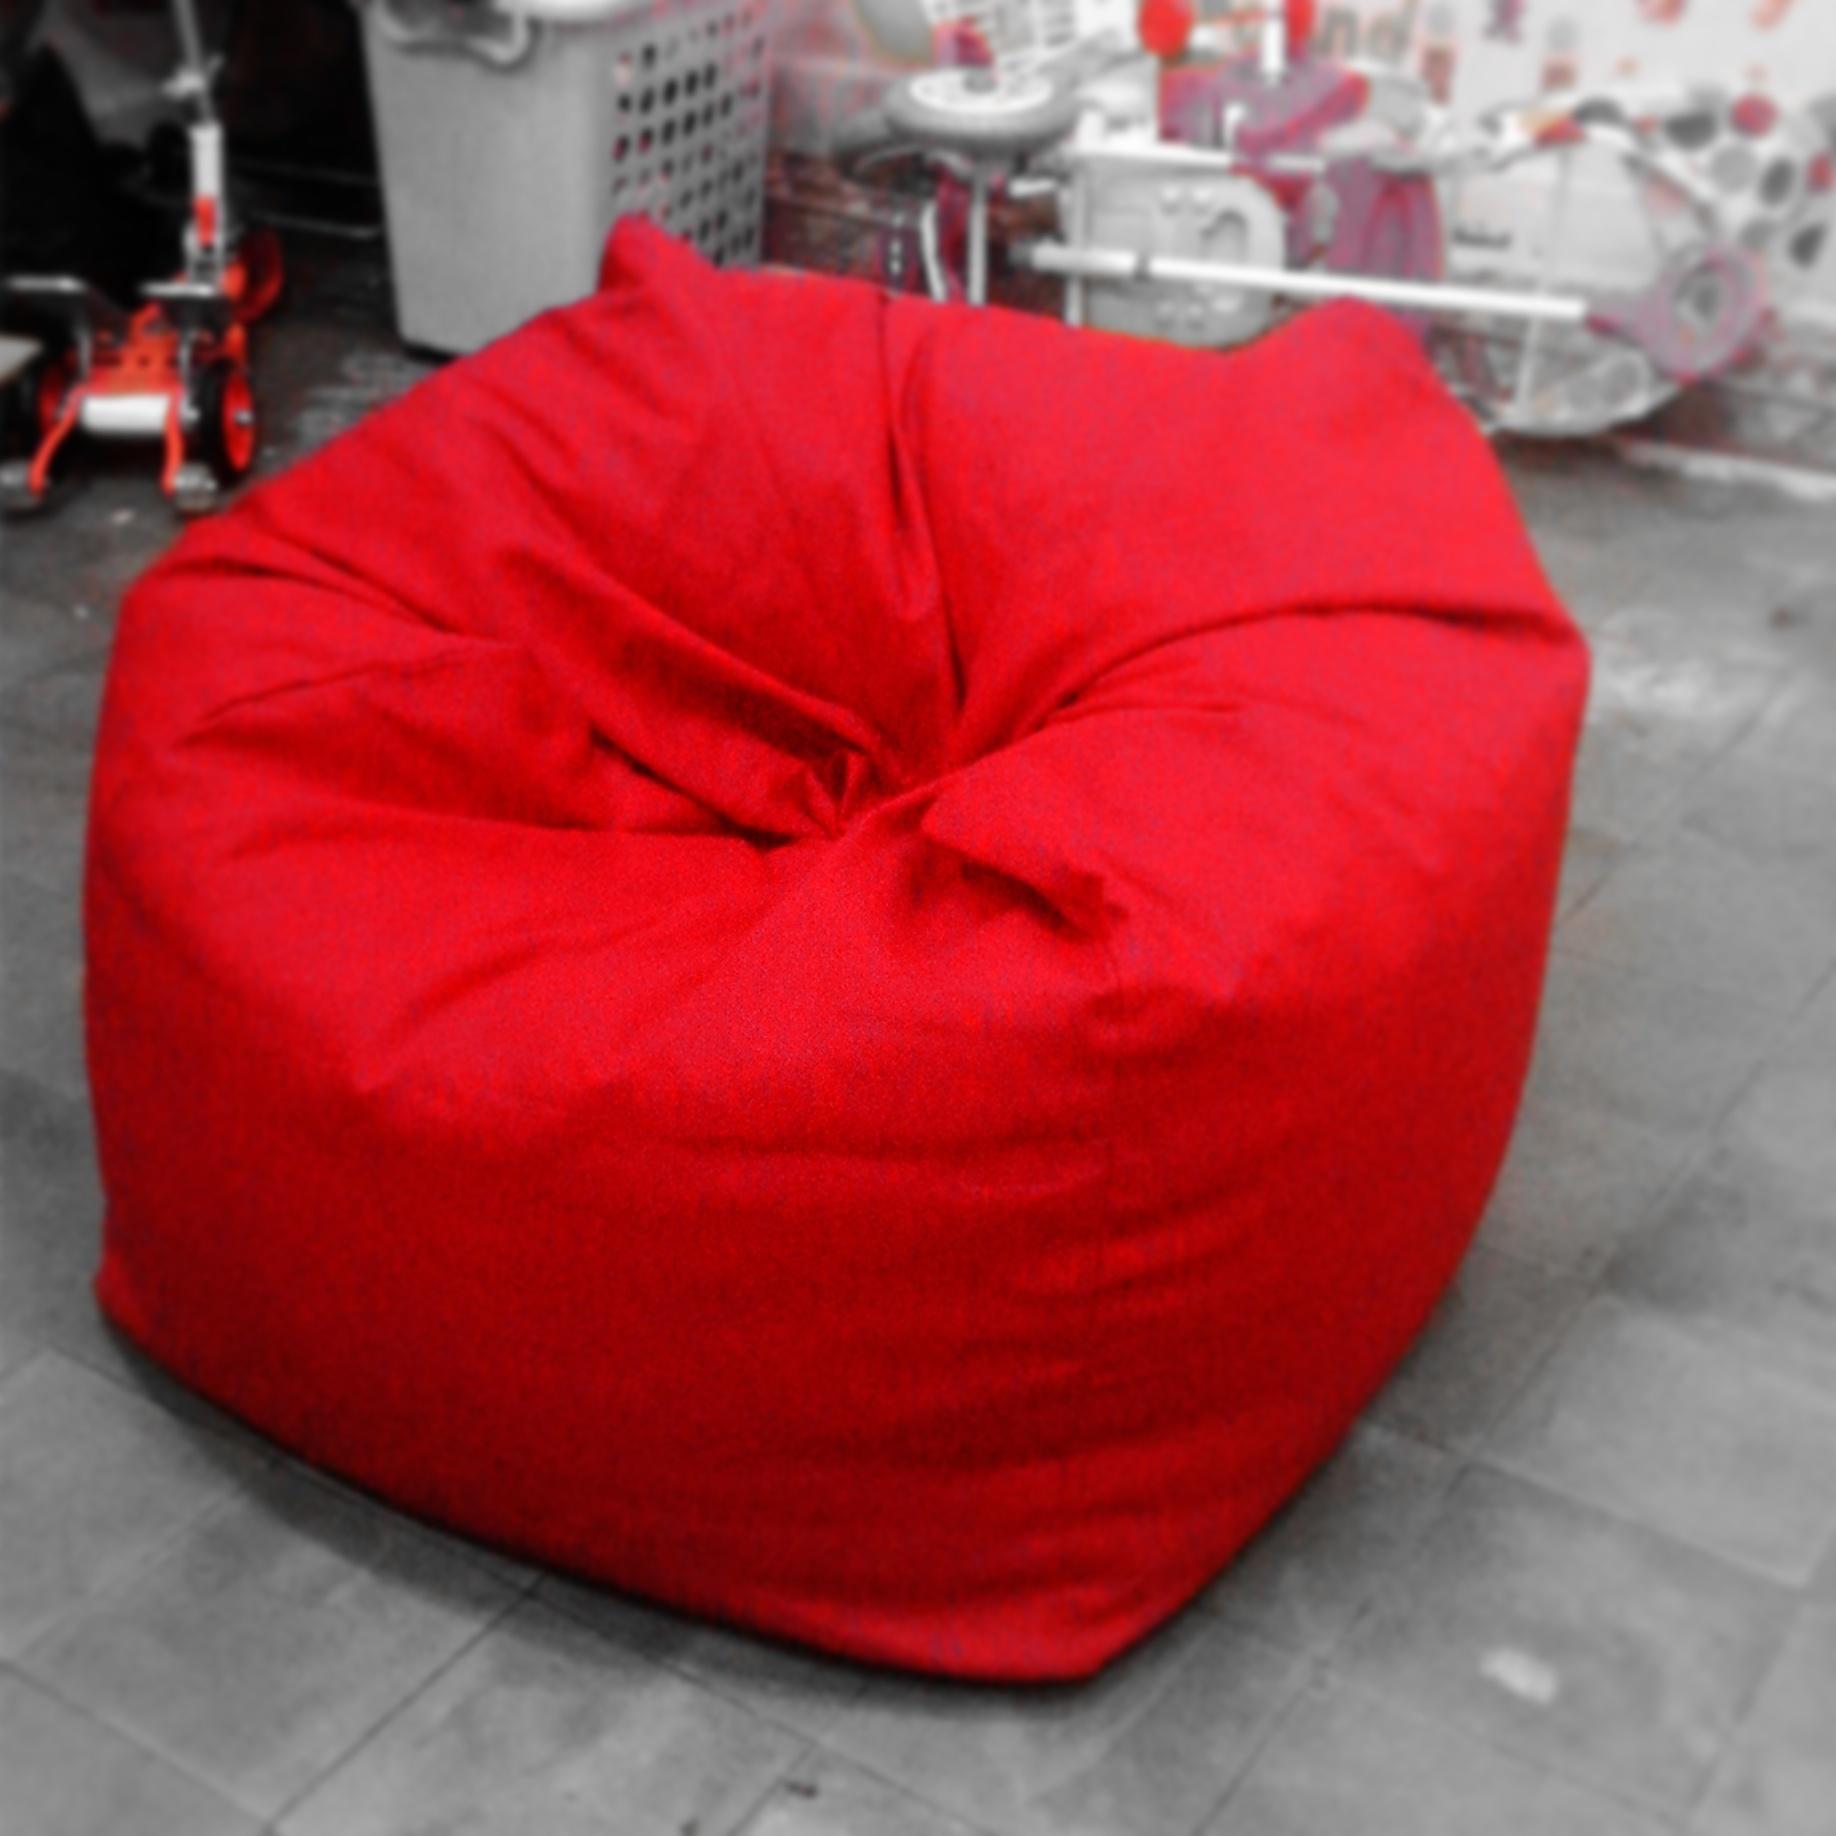 Jual Bean Bag Chair Kanvas Merah Polos Size M